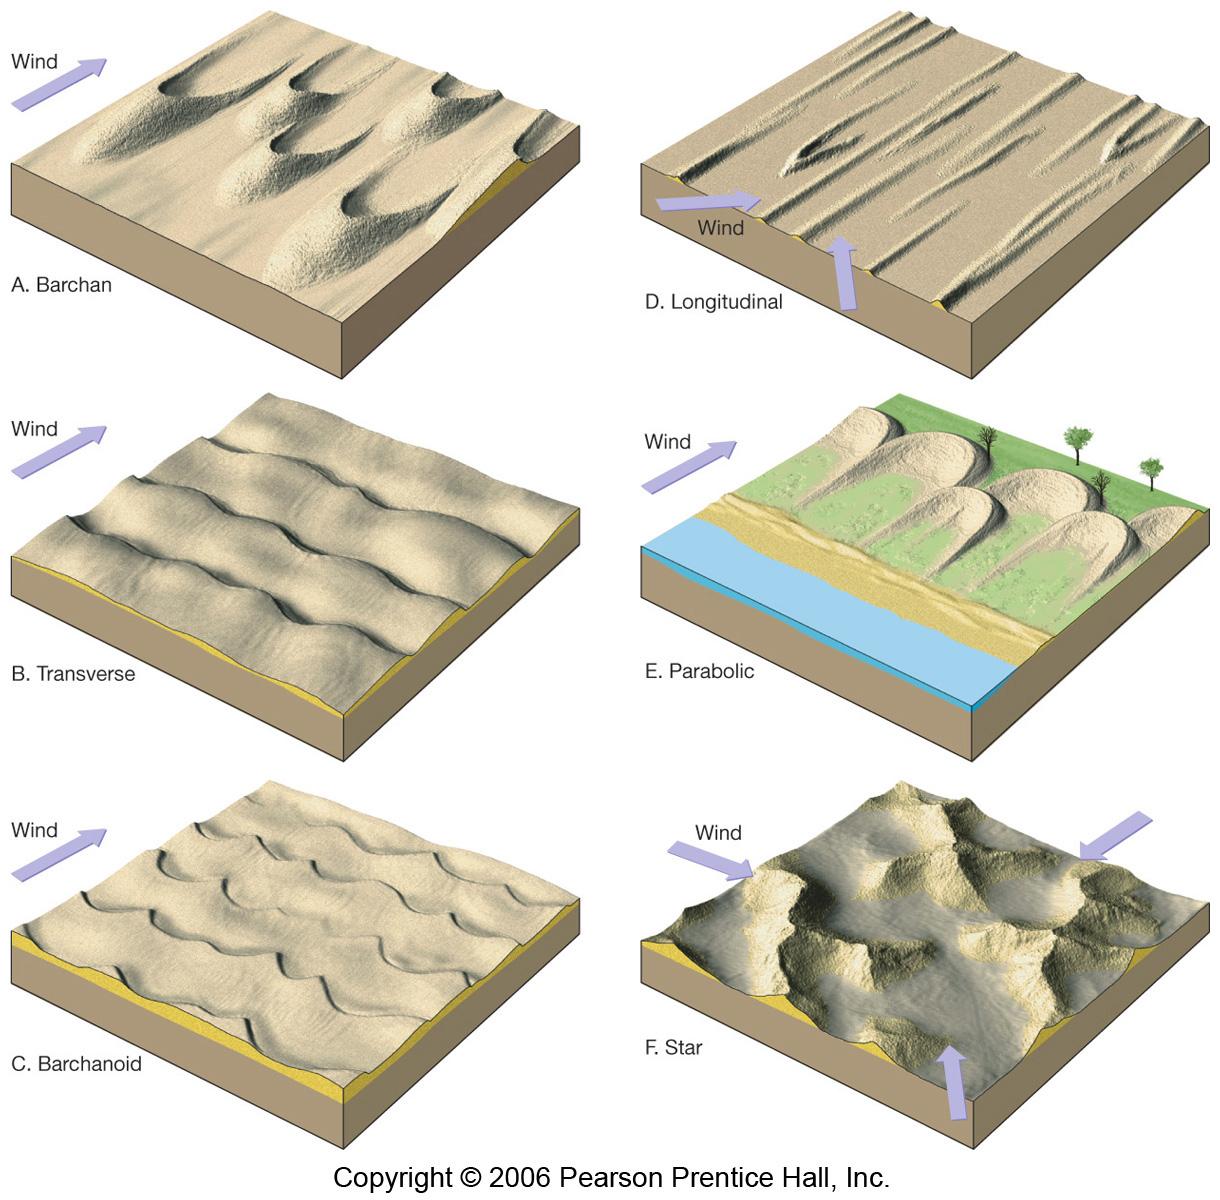 types of sand dunes diagram 12v relay wiring spotlights 06 36 jpg